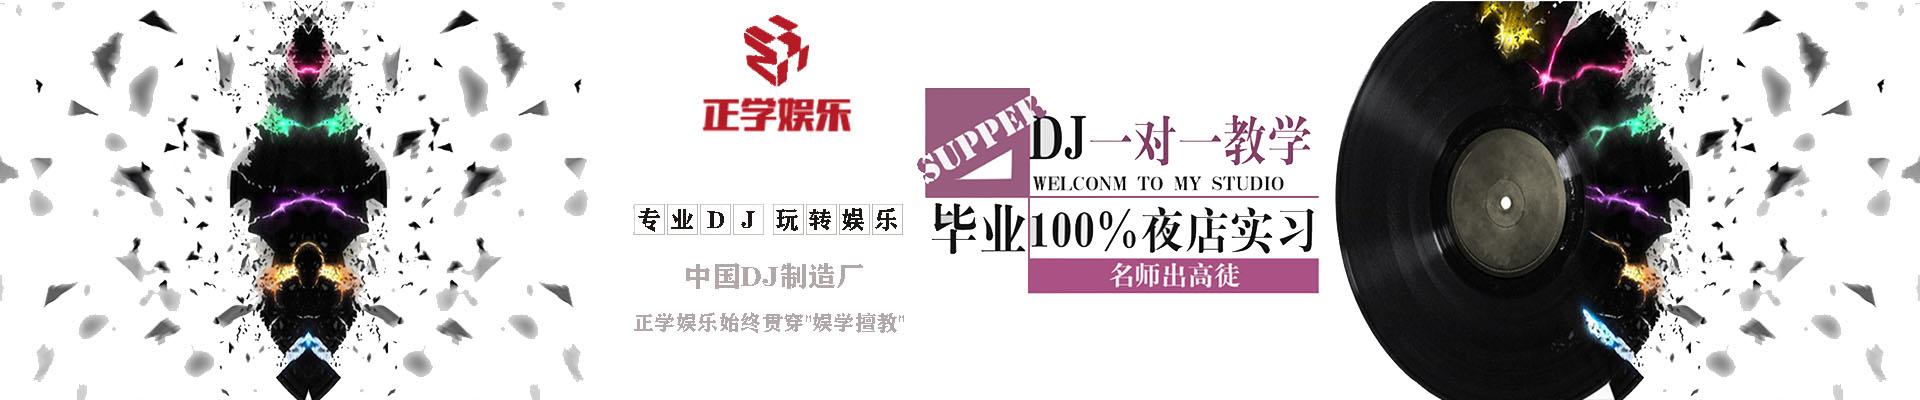 中国正学娱乐DJ培训学校